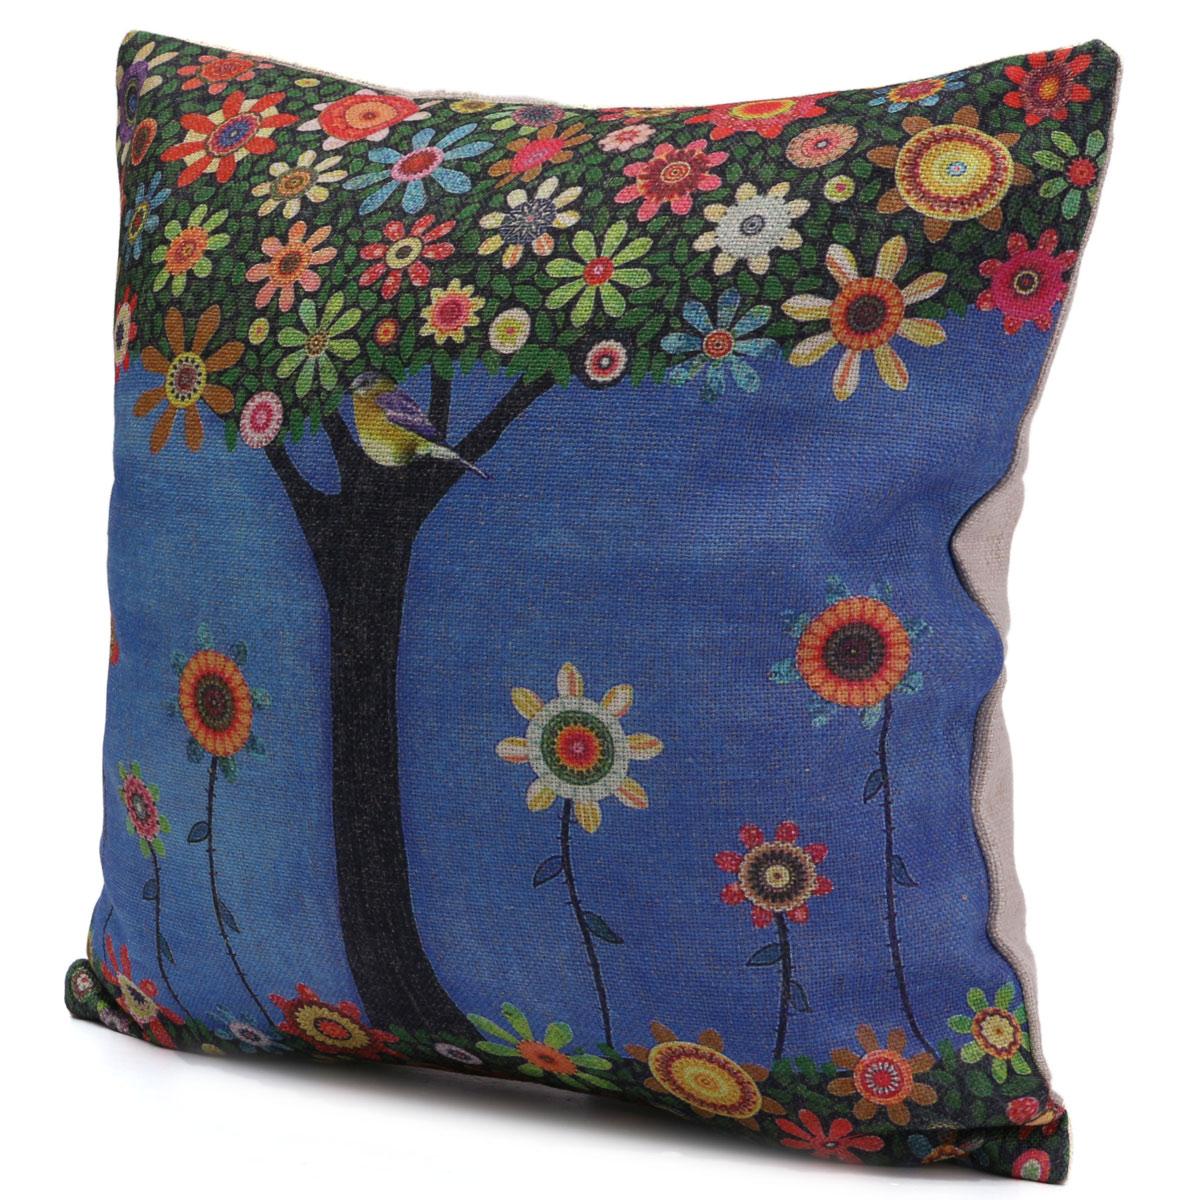 Colorful Bird Throw Pillows : Vintage Colorful Tree Bird Linen Pillow Case Sofa Throw Cushion Cover Home Decor (EXPORT ...